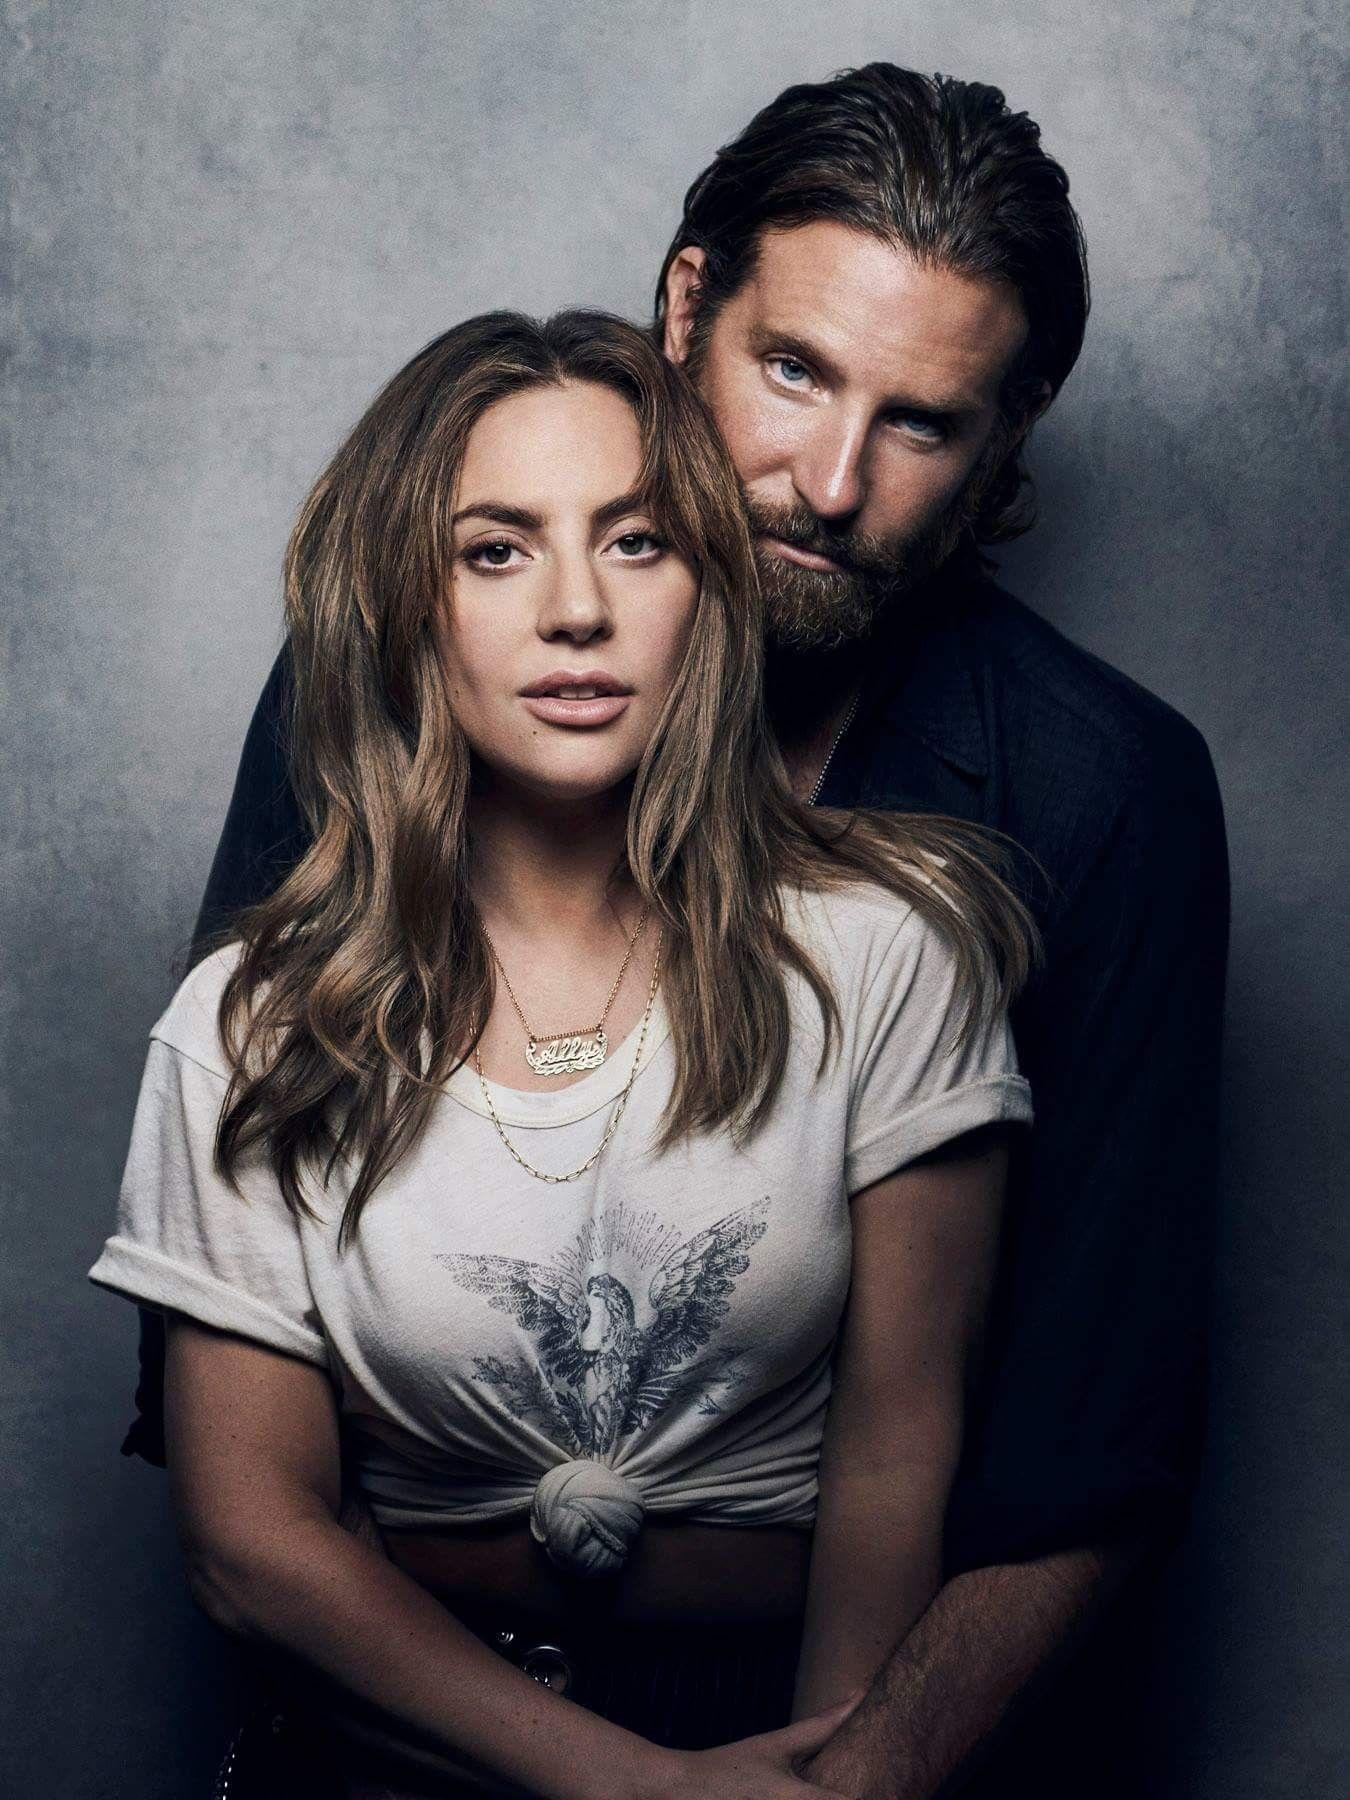 Lady Gaga Bradley Cooper A Star Is Born Photoshoot Lady Gaga Pictures A Star Is Born Lady Gaga